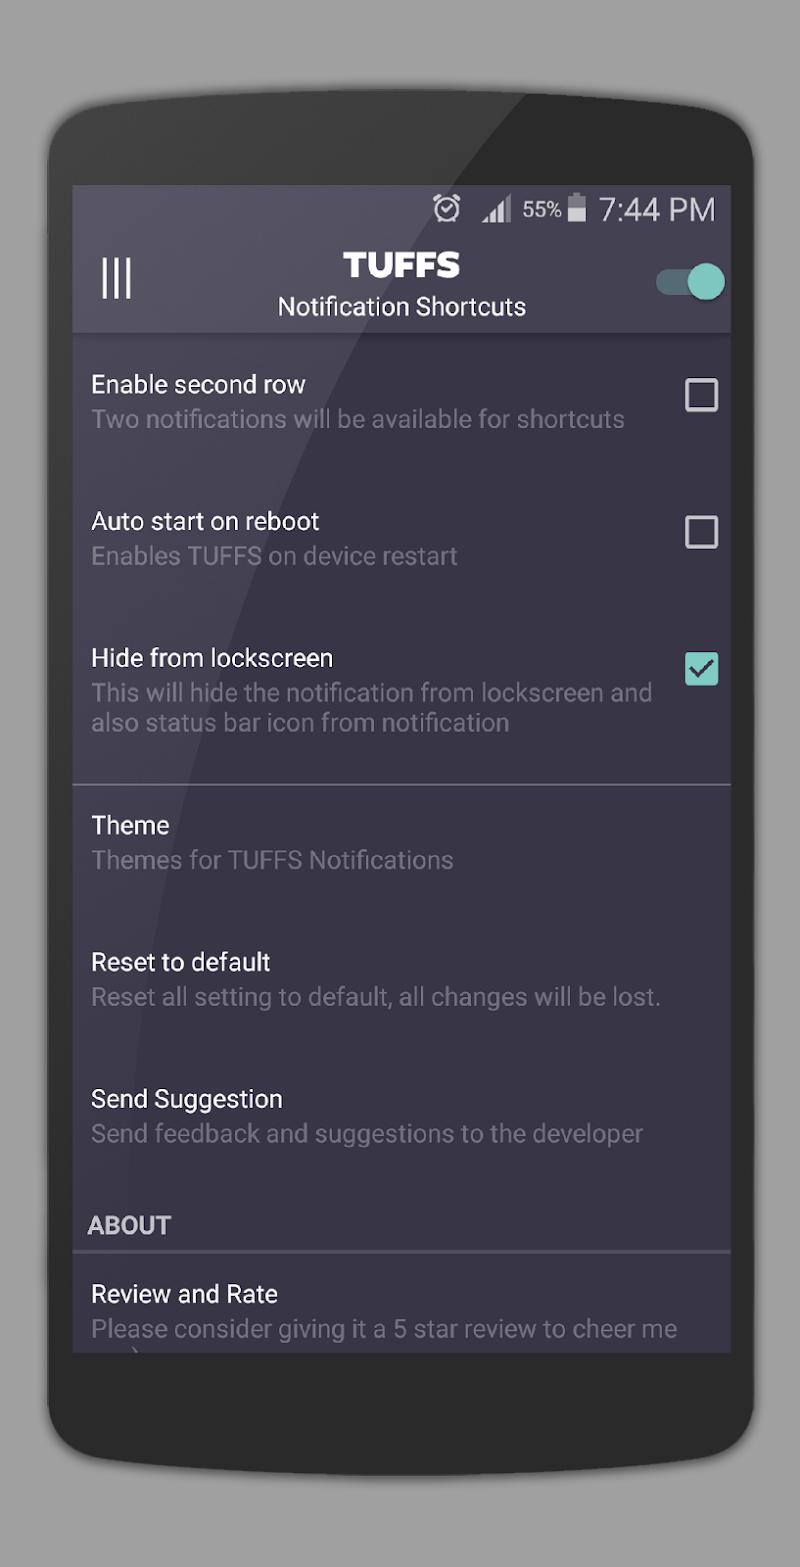 TUFFS Notification Shortcuts Screenshot 7